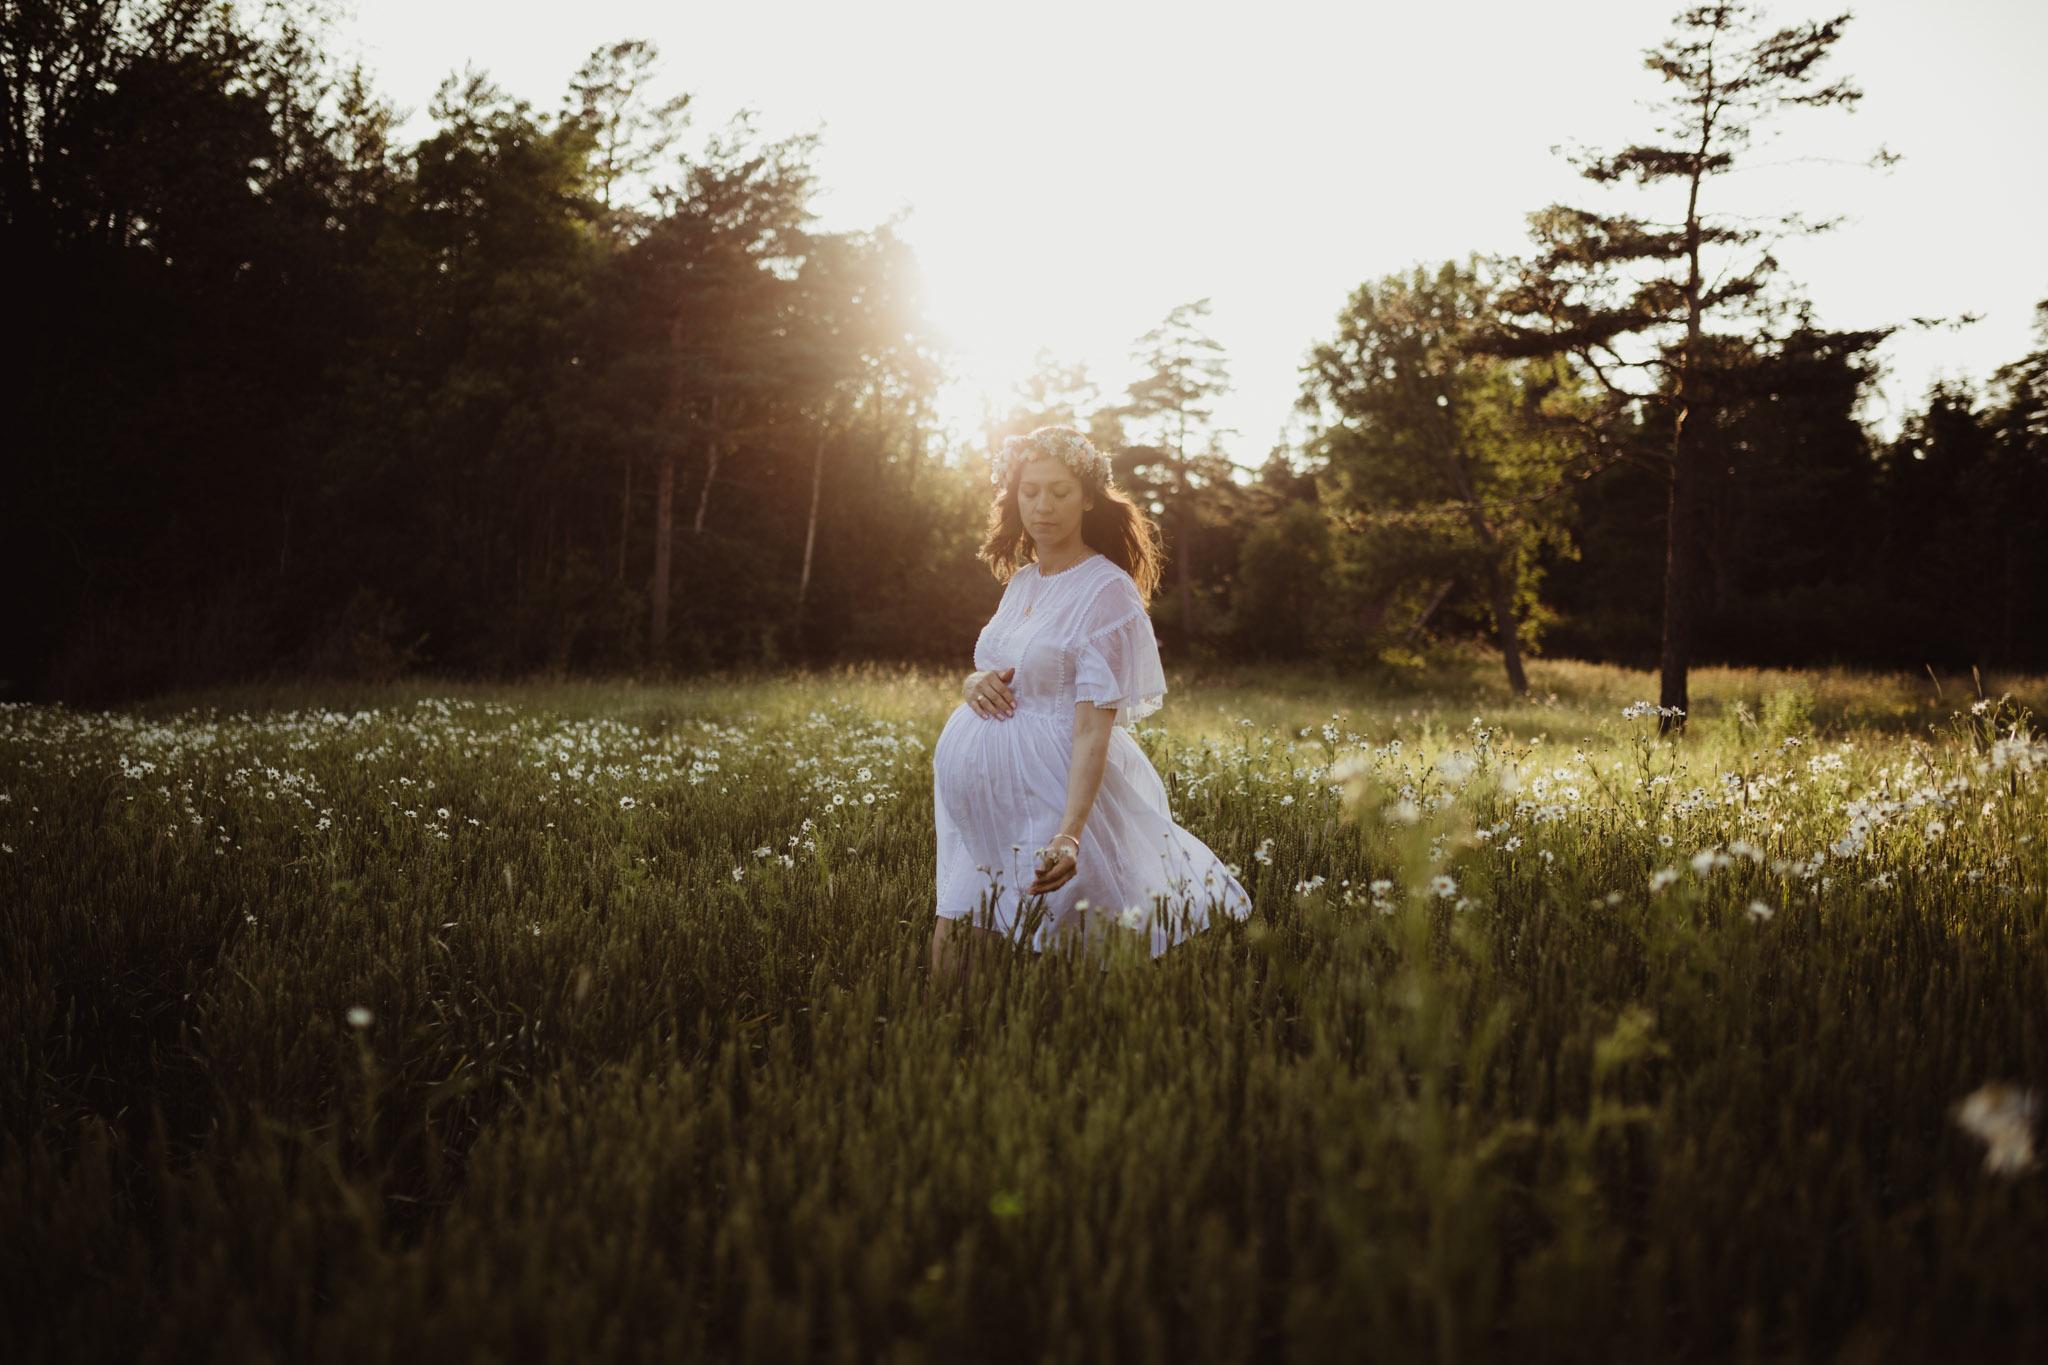 Gravidfoto - Eng og natur - Fotograf Ida Hvattum